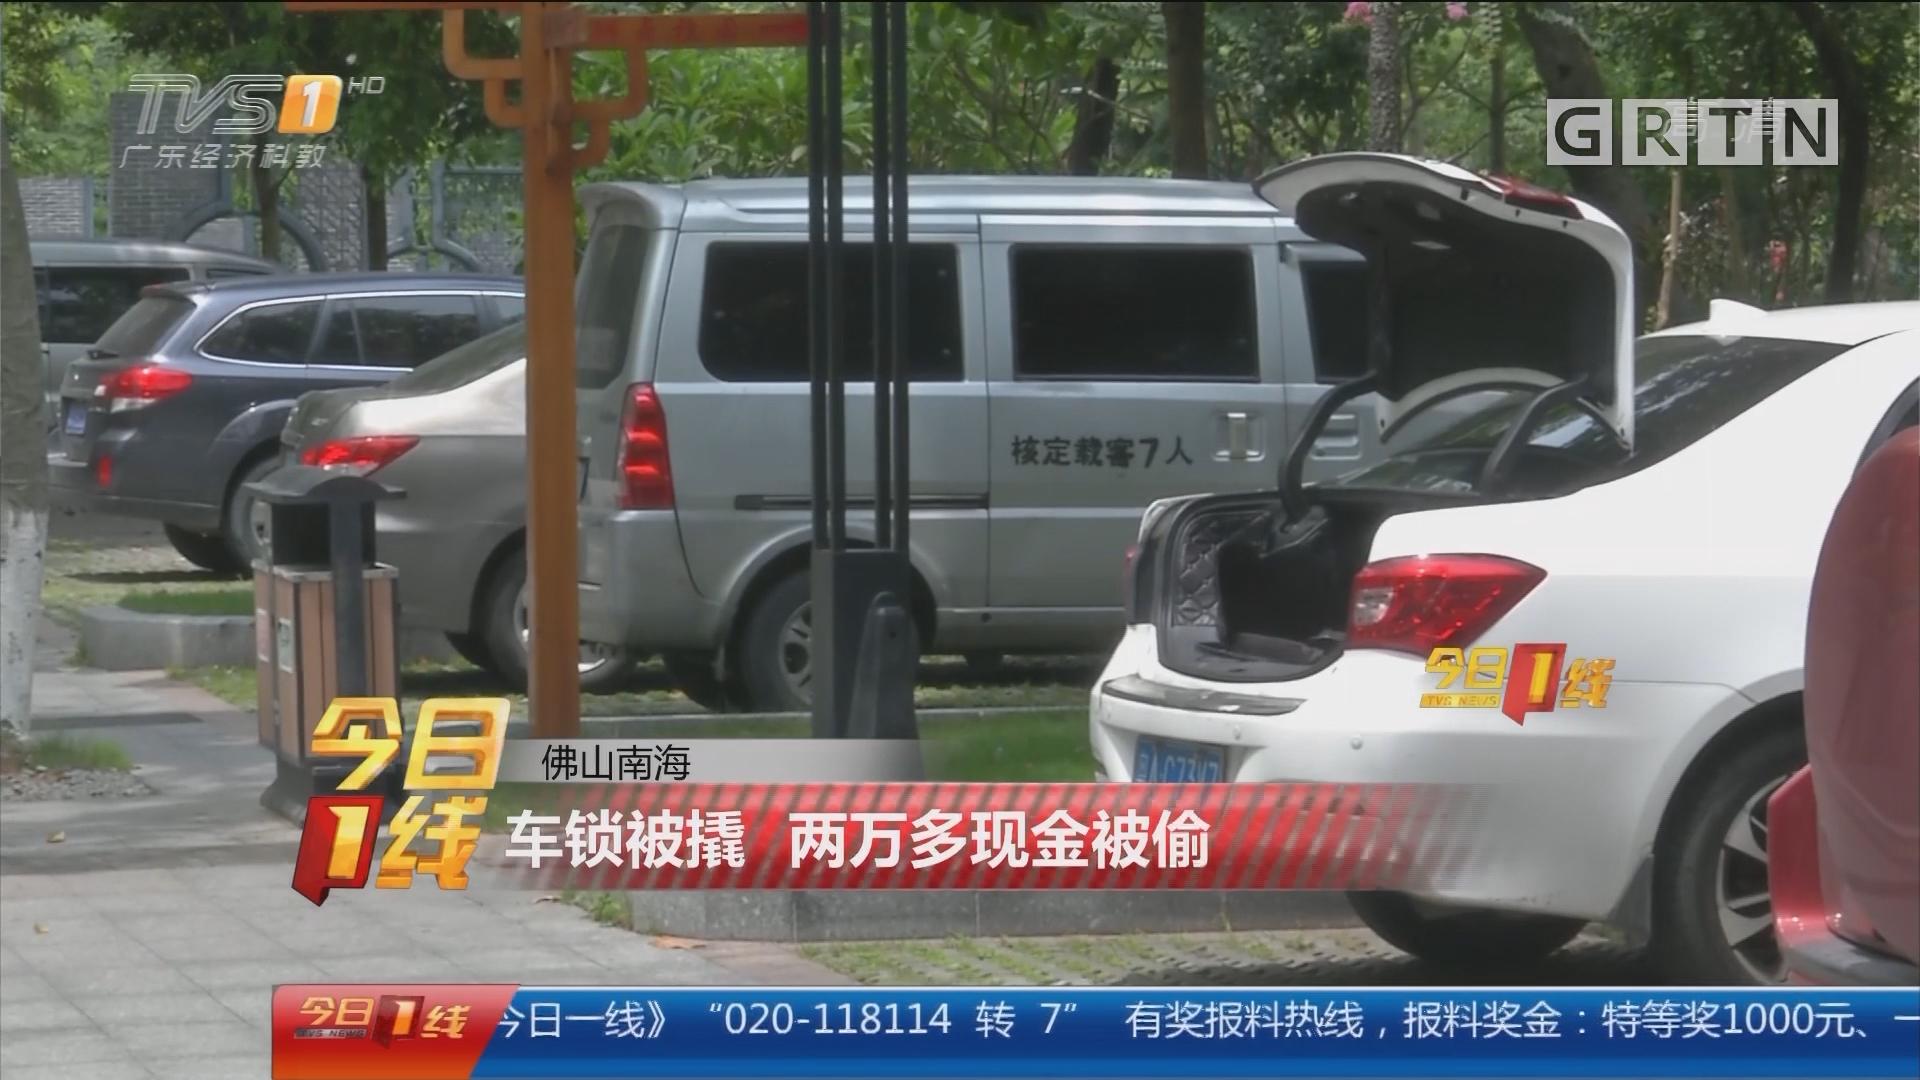 佛山南海:车锁被撬 两万多现金被偷